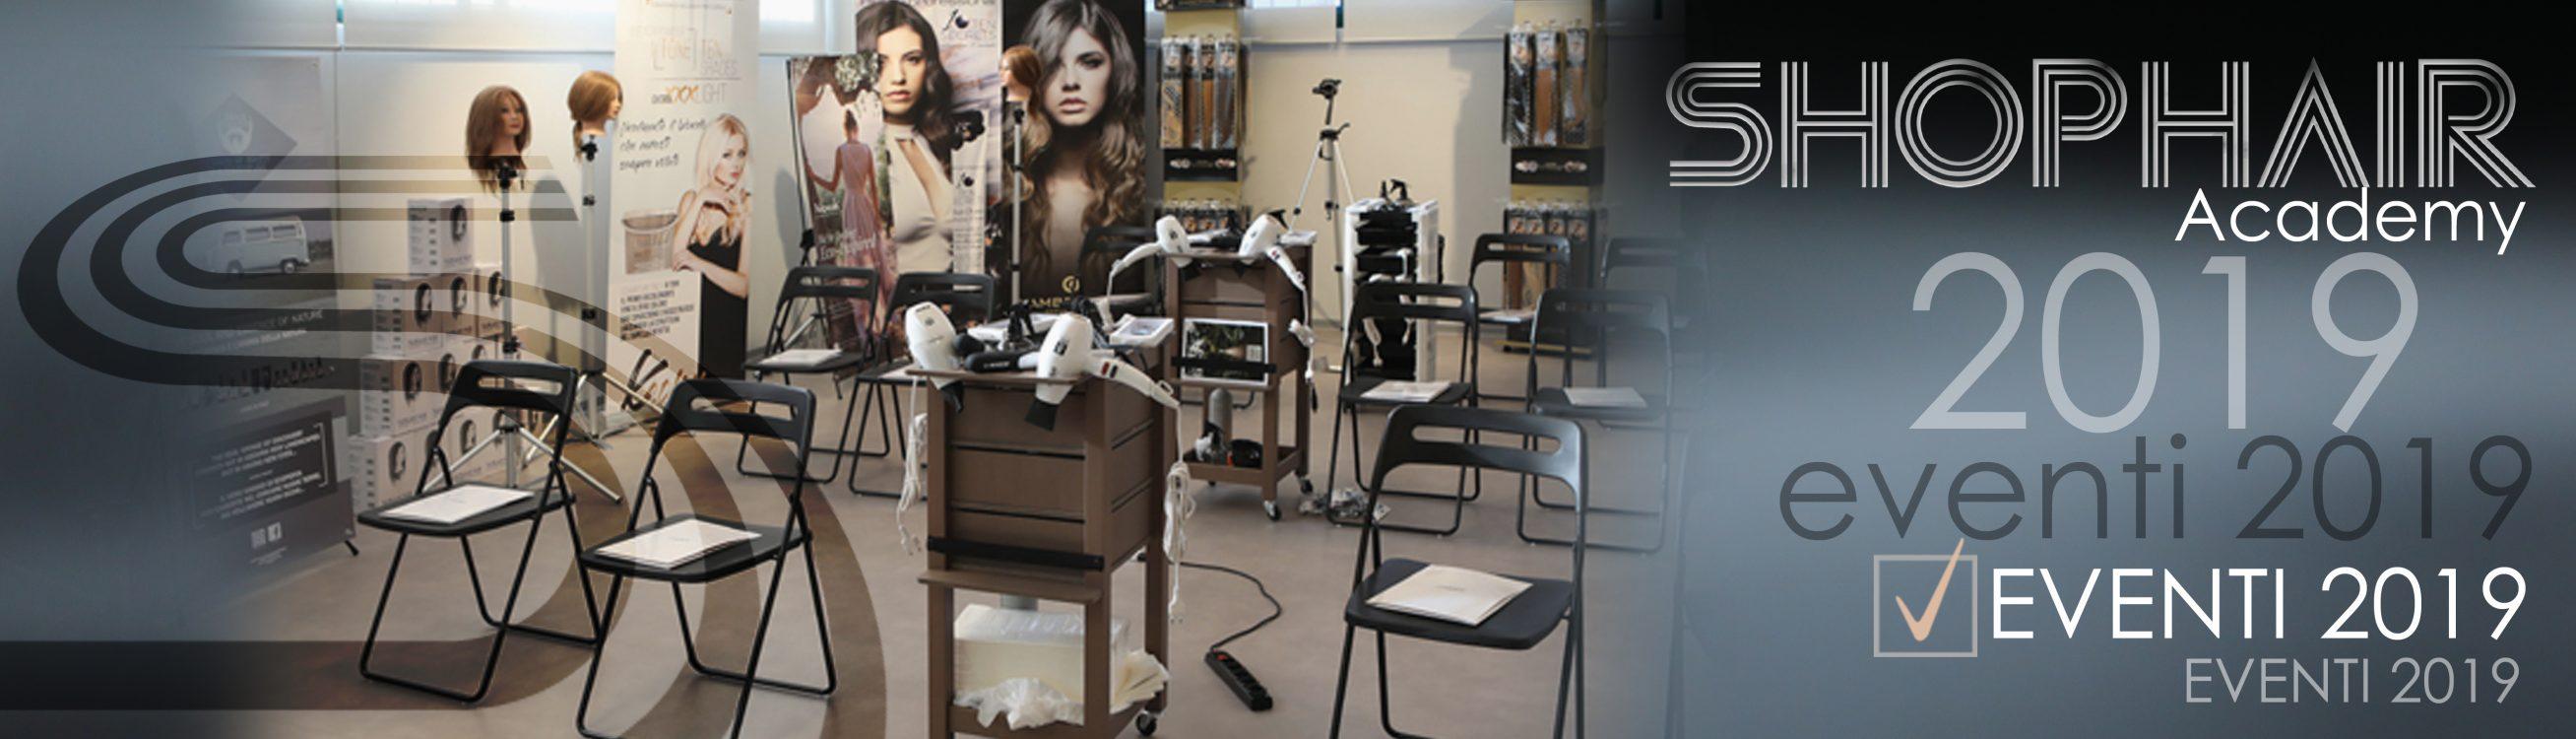 eventi shop hair 2019